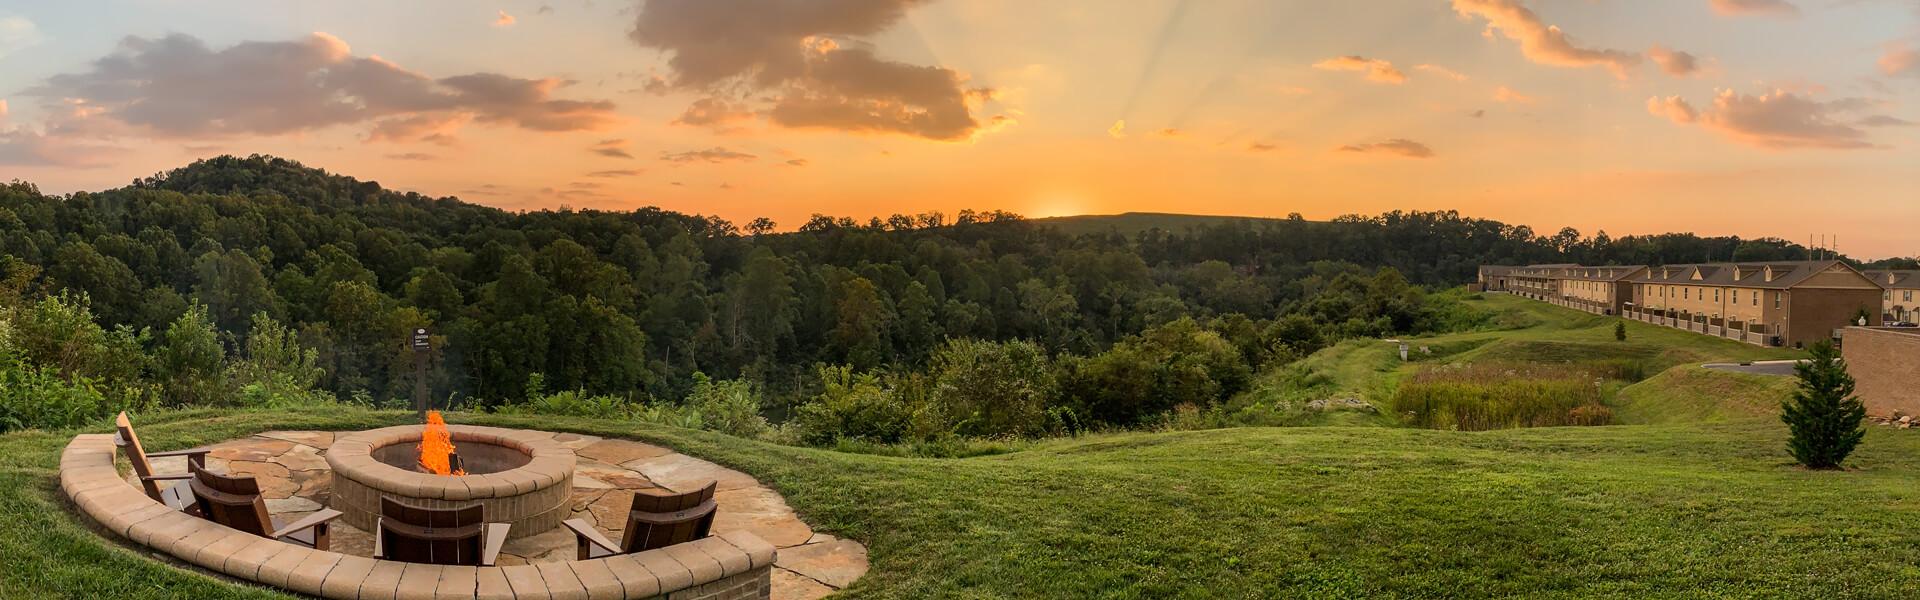 HI-RiverBend-Firepit Sunset